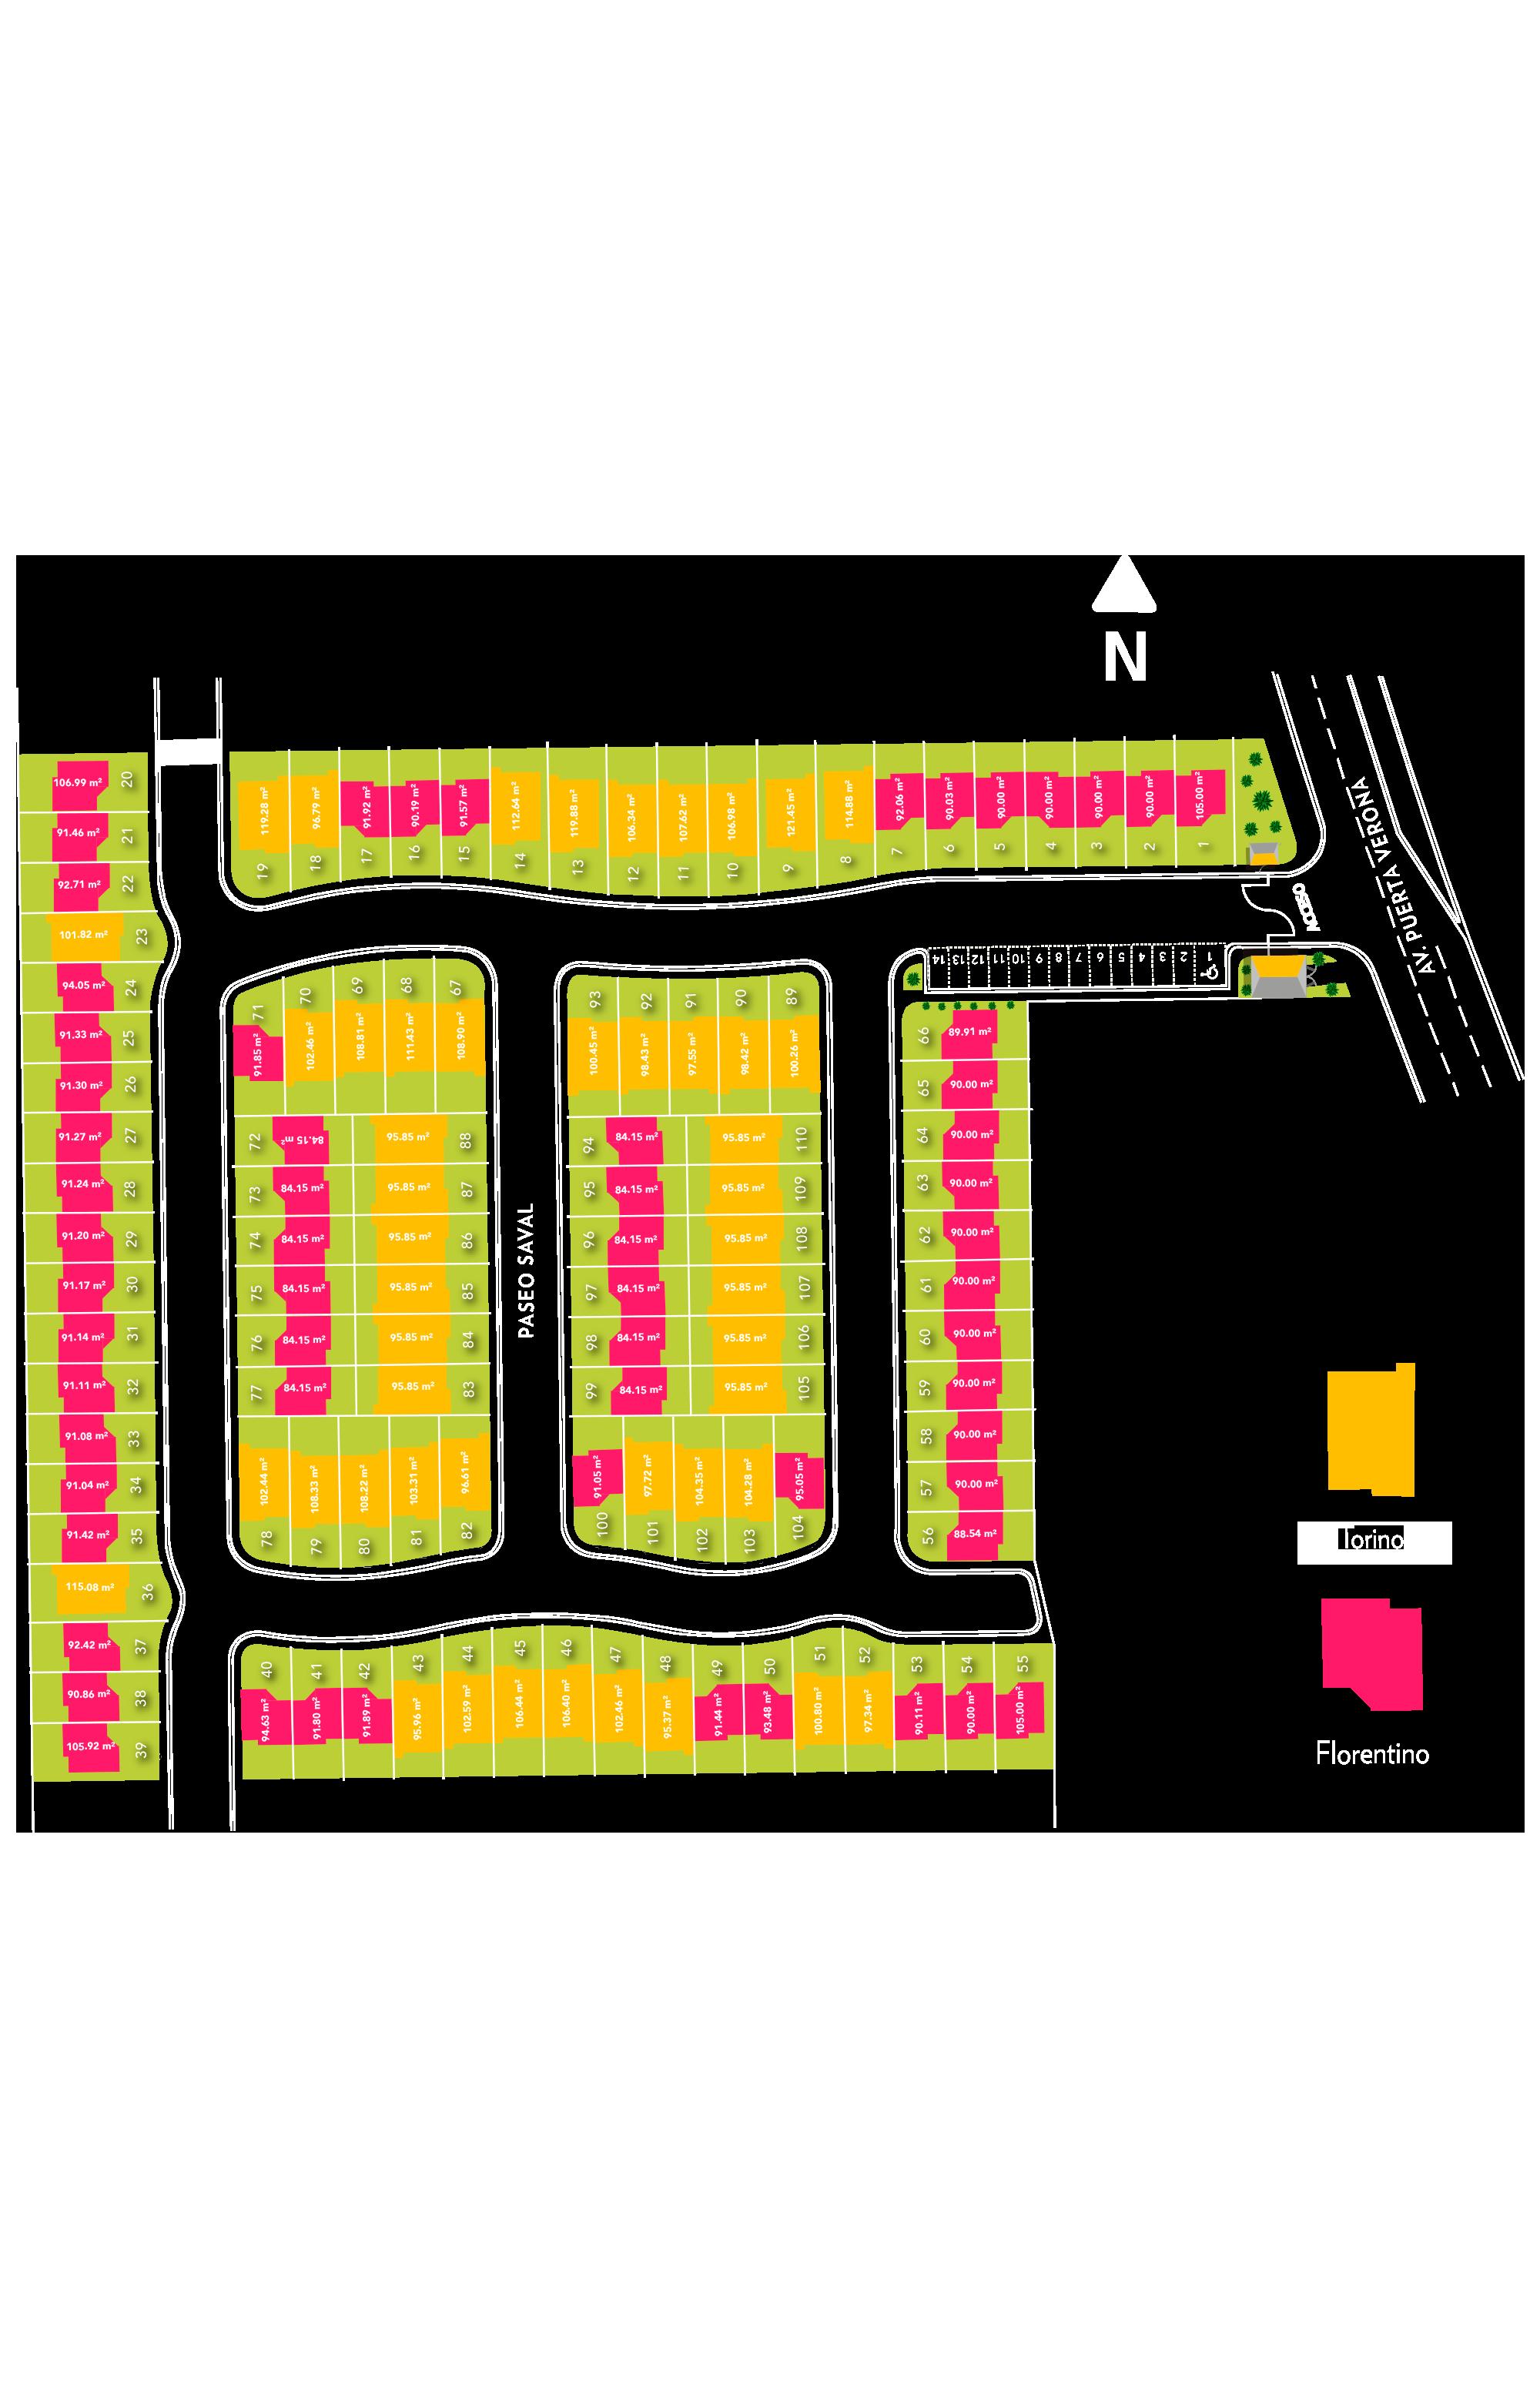 lotificacion-puerta-verona-saval